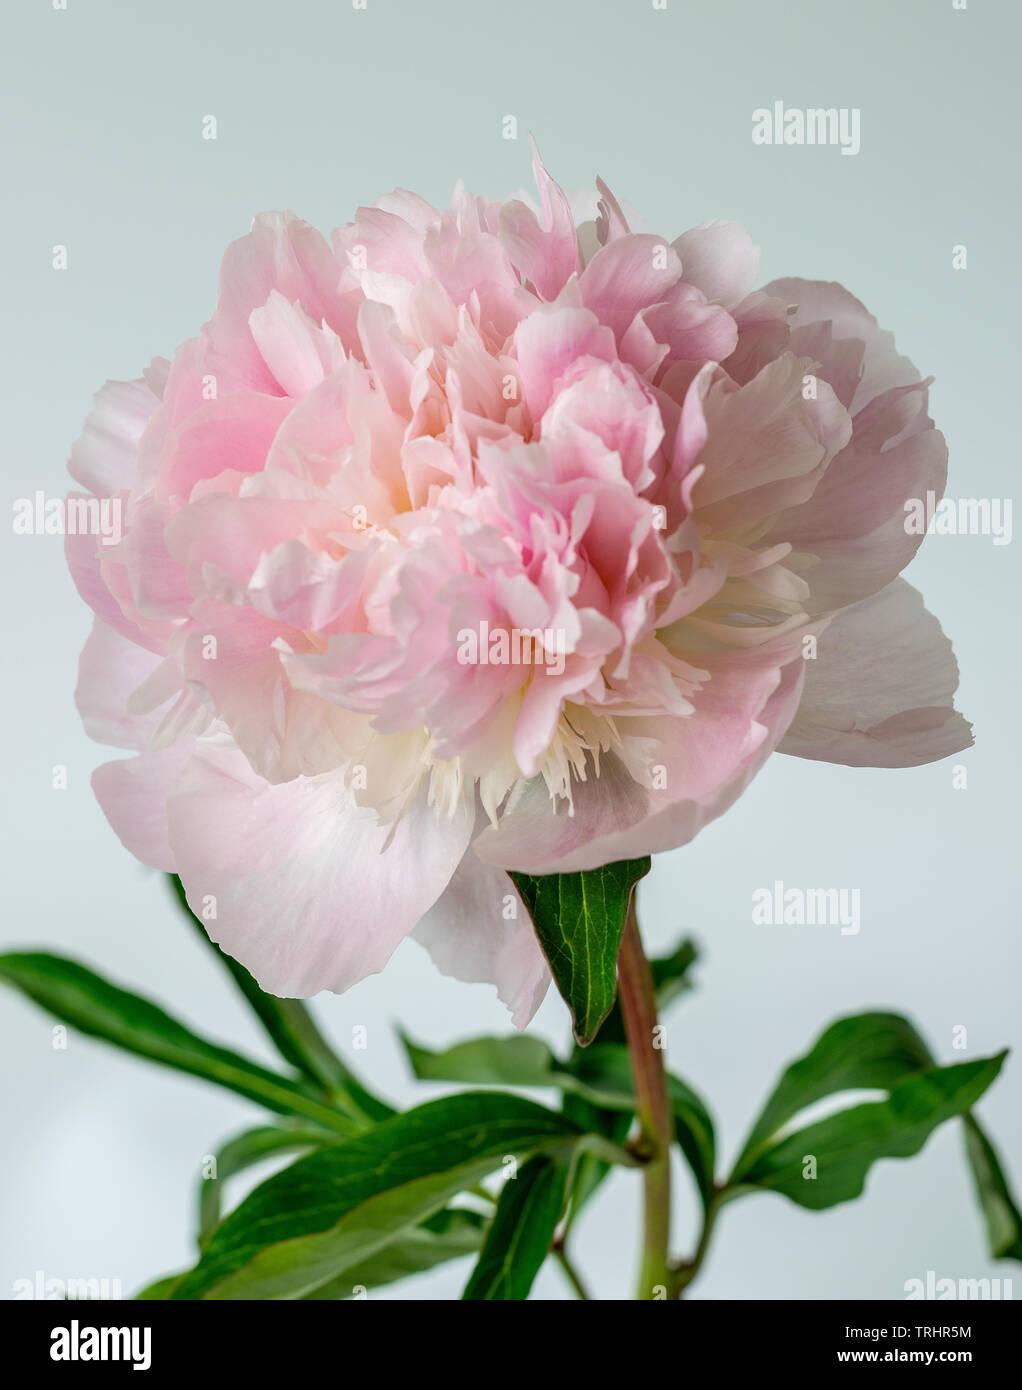 Detalle de una sola gran peonía en plena floración contra un telón de fondo blanco con varios pétalos Foto de stock